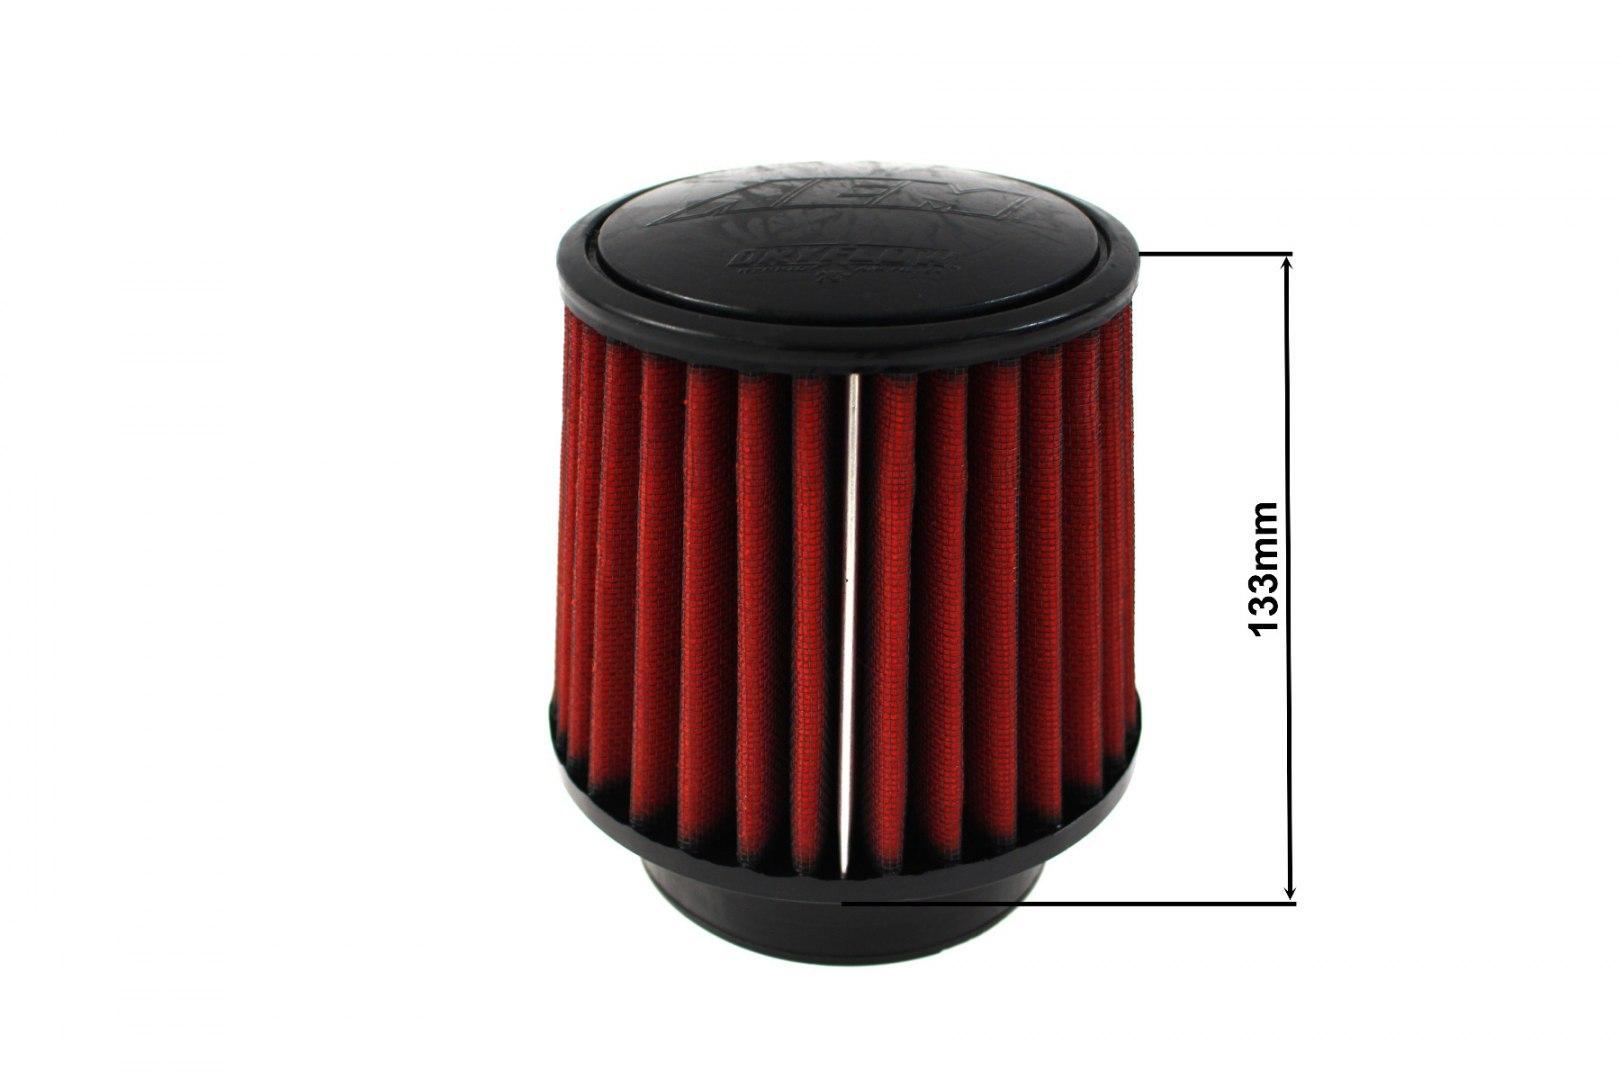 Filtr stożkowy AEM 21-205DK 102MM - GRUBYGARAGE - Sklep Tuningowy